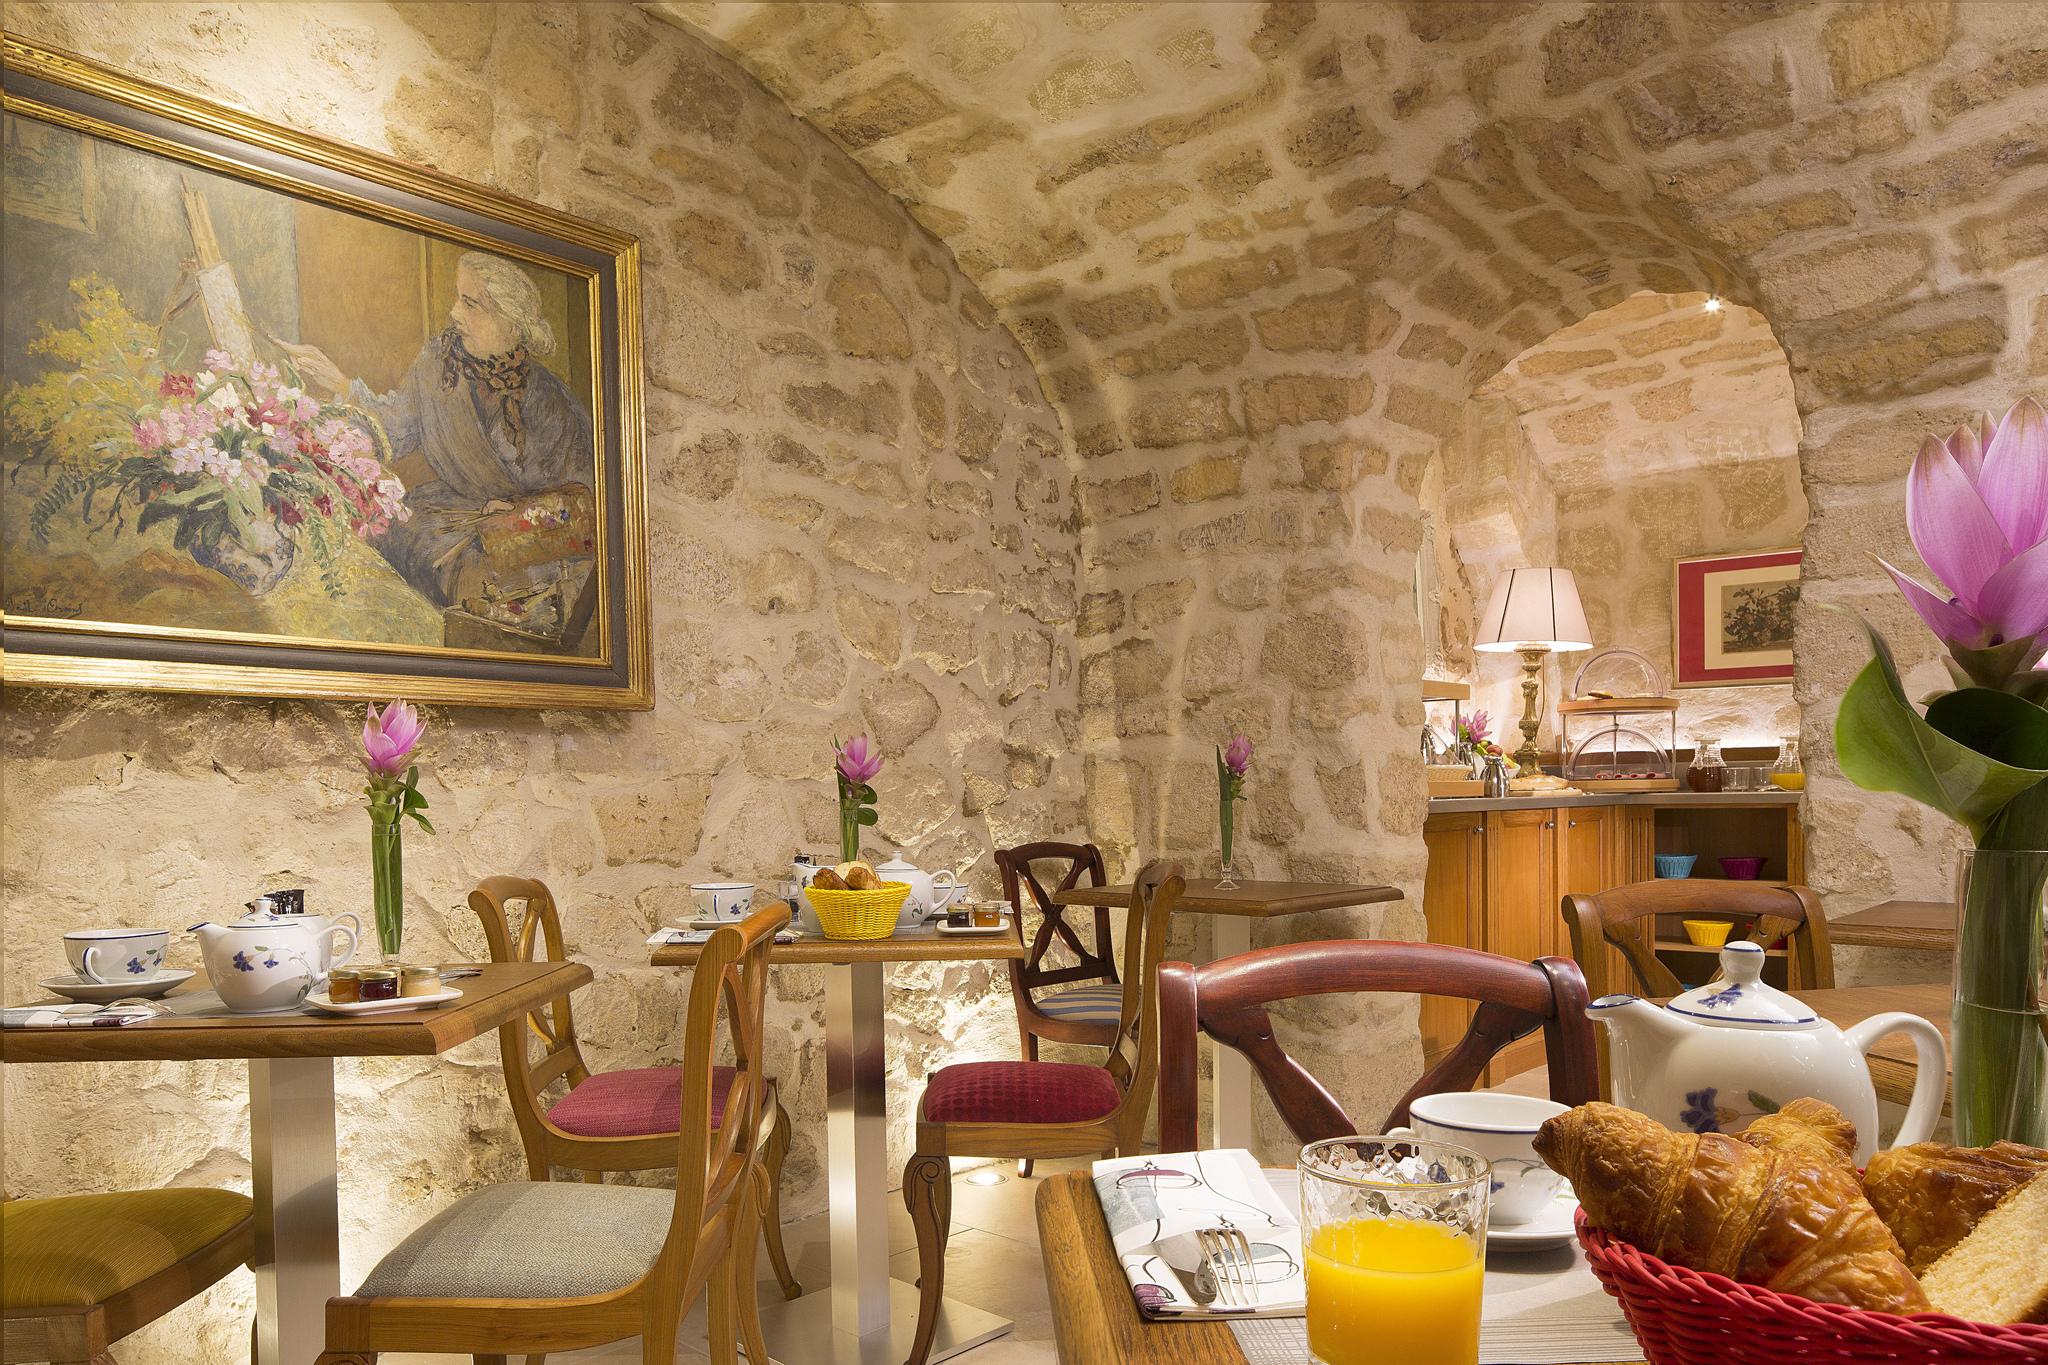 Le petit déjeuner est servi dans une salle en brique chaleureuse